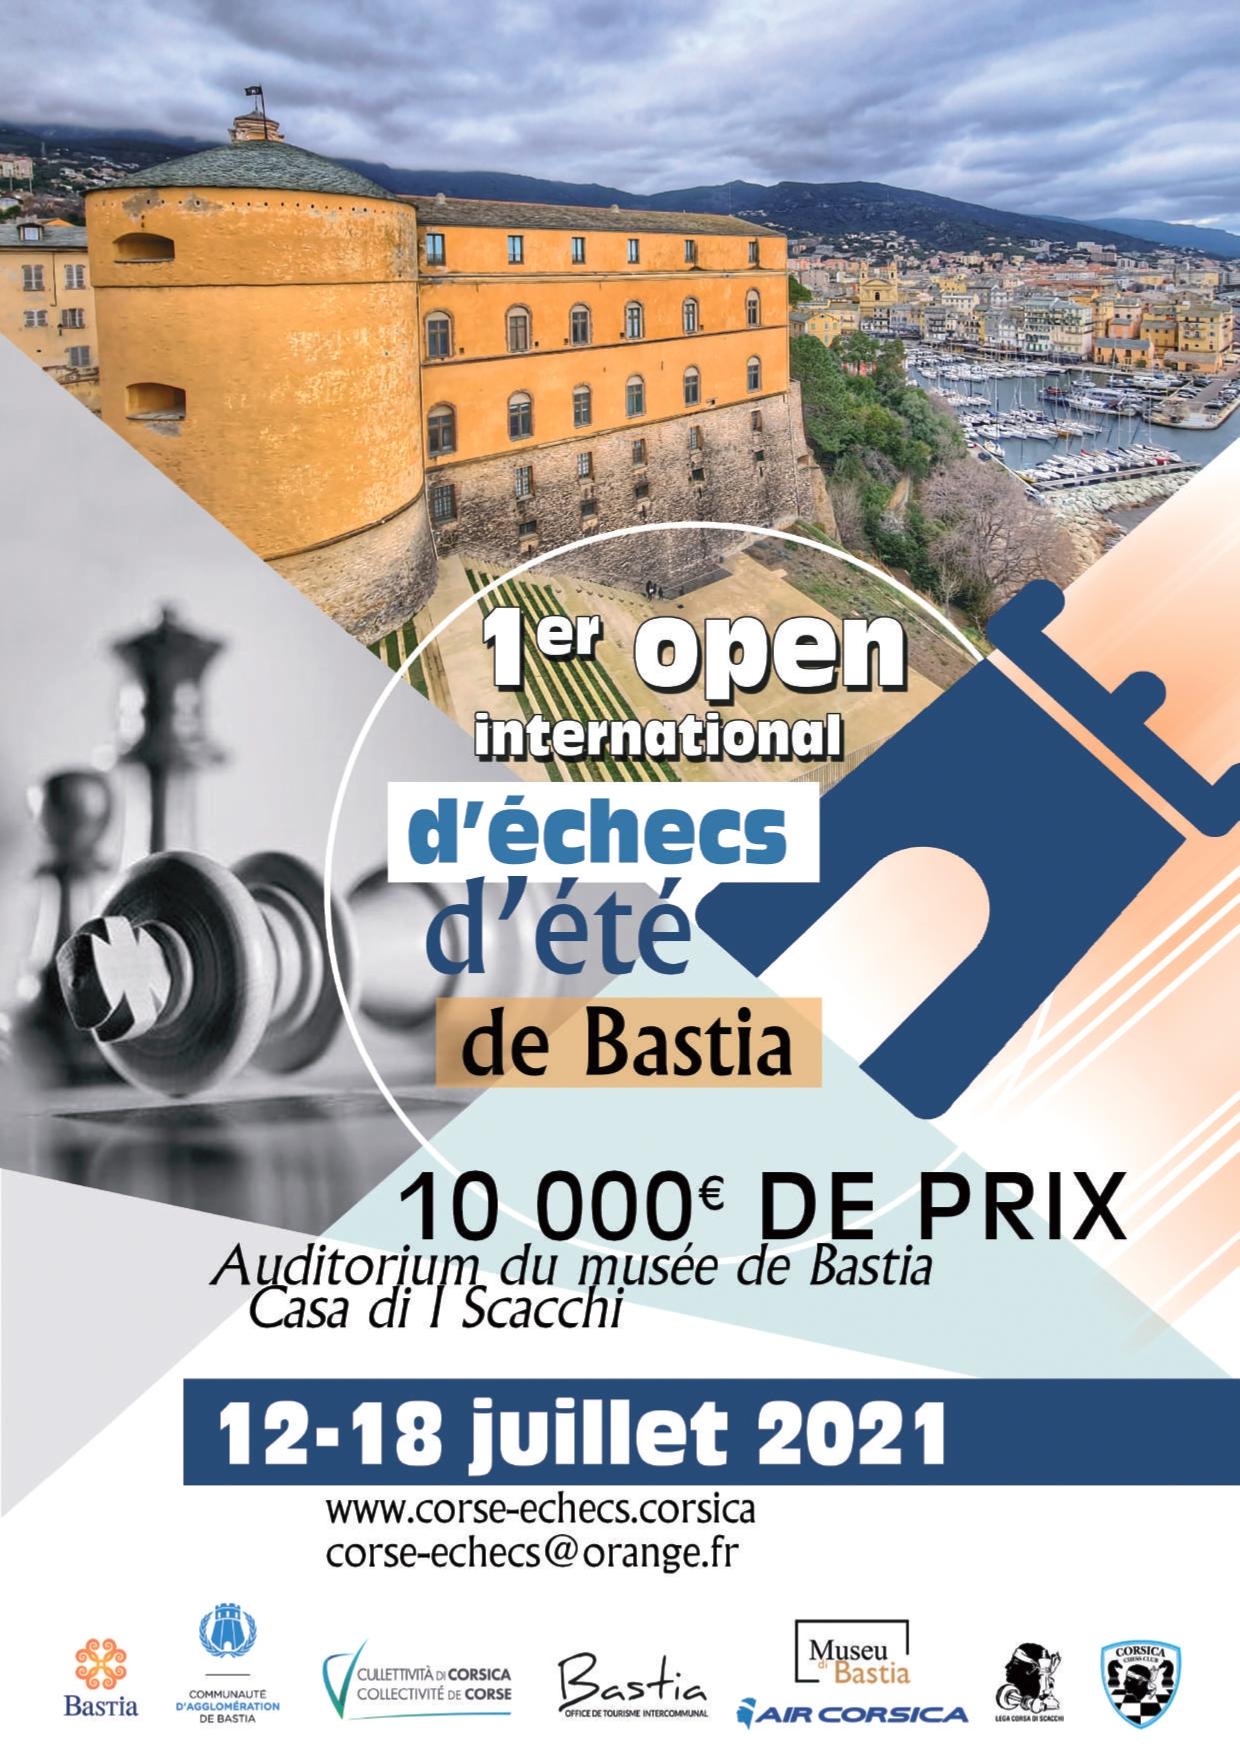 1er Open International d'été de Bastia du 12 au 18 juillet 2021 !